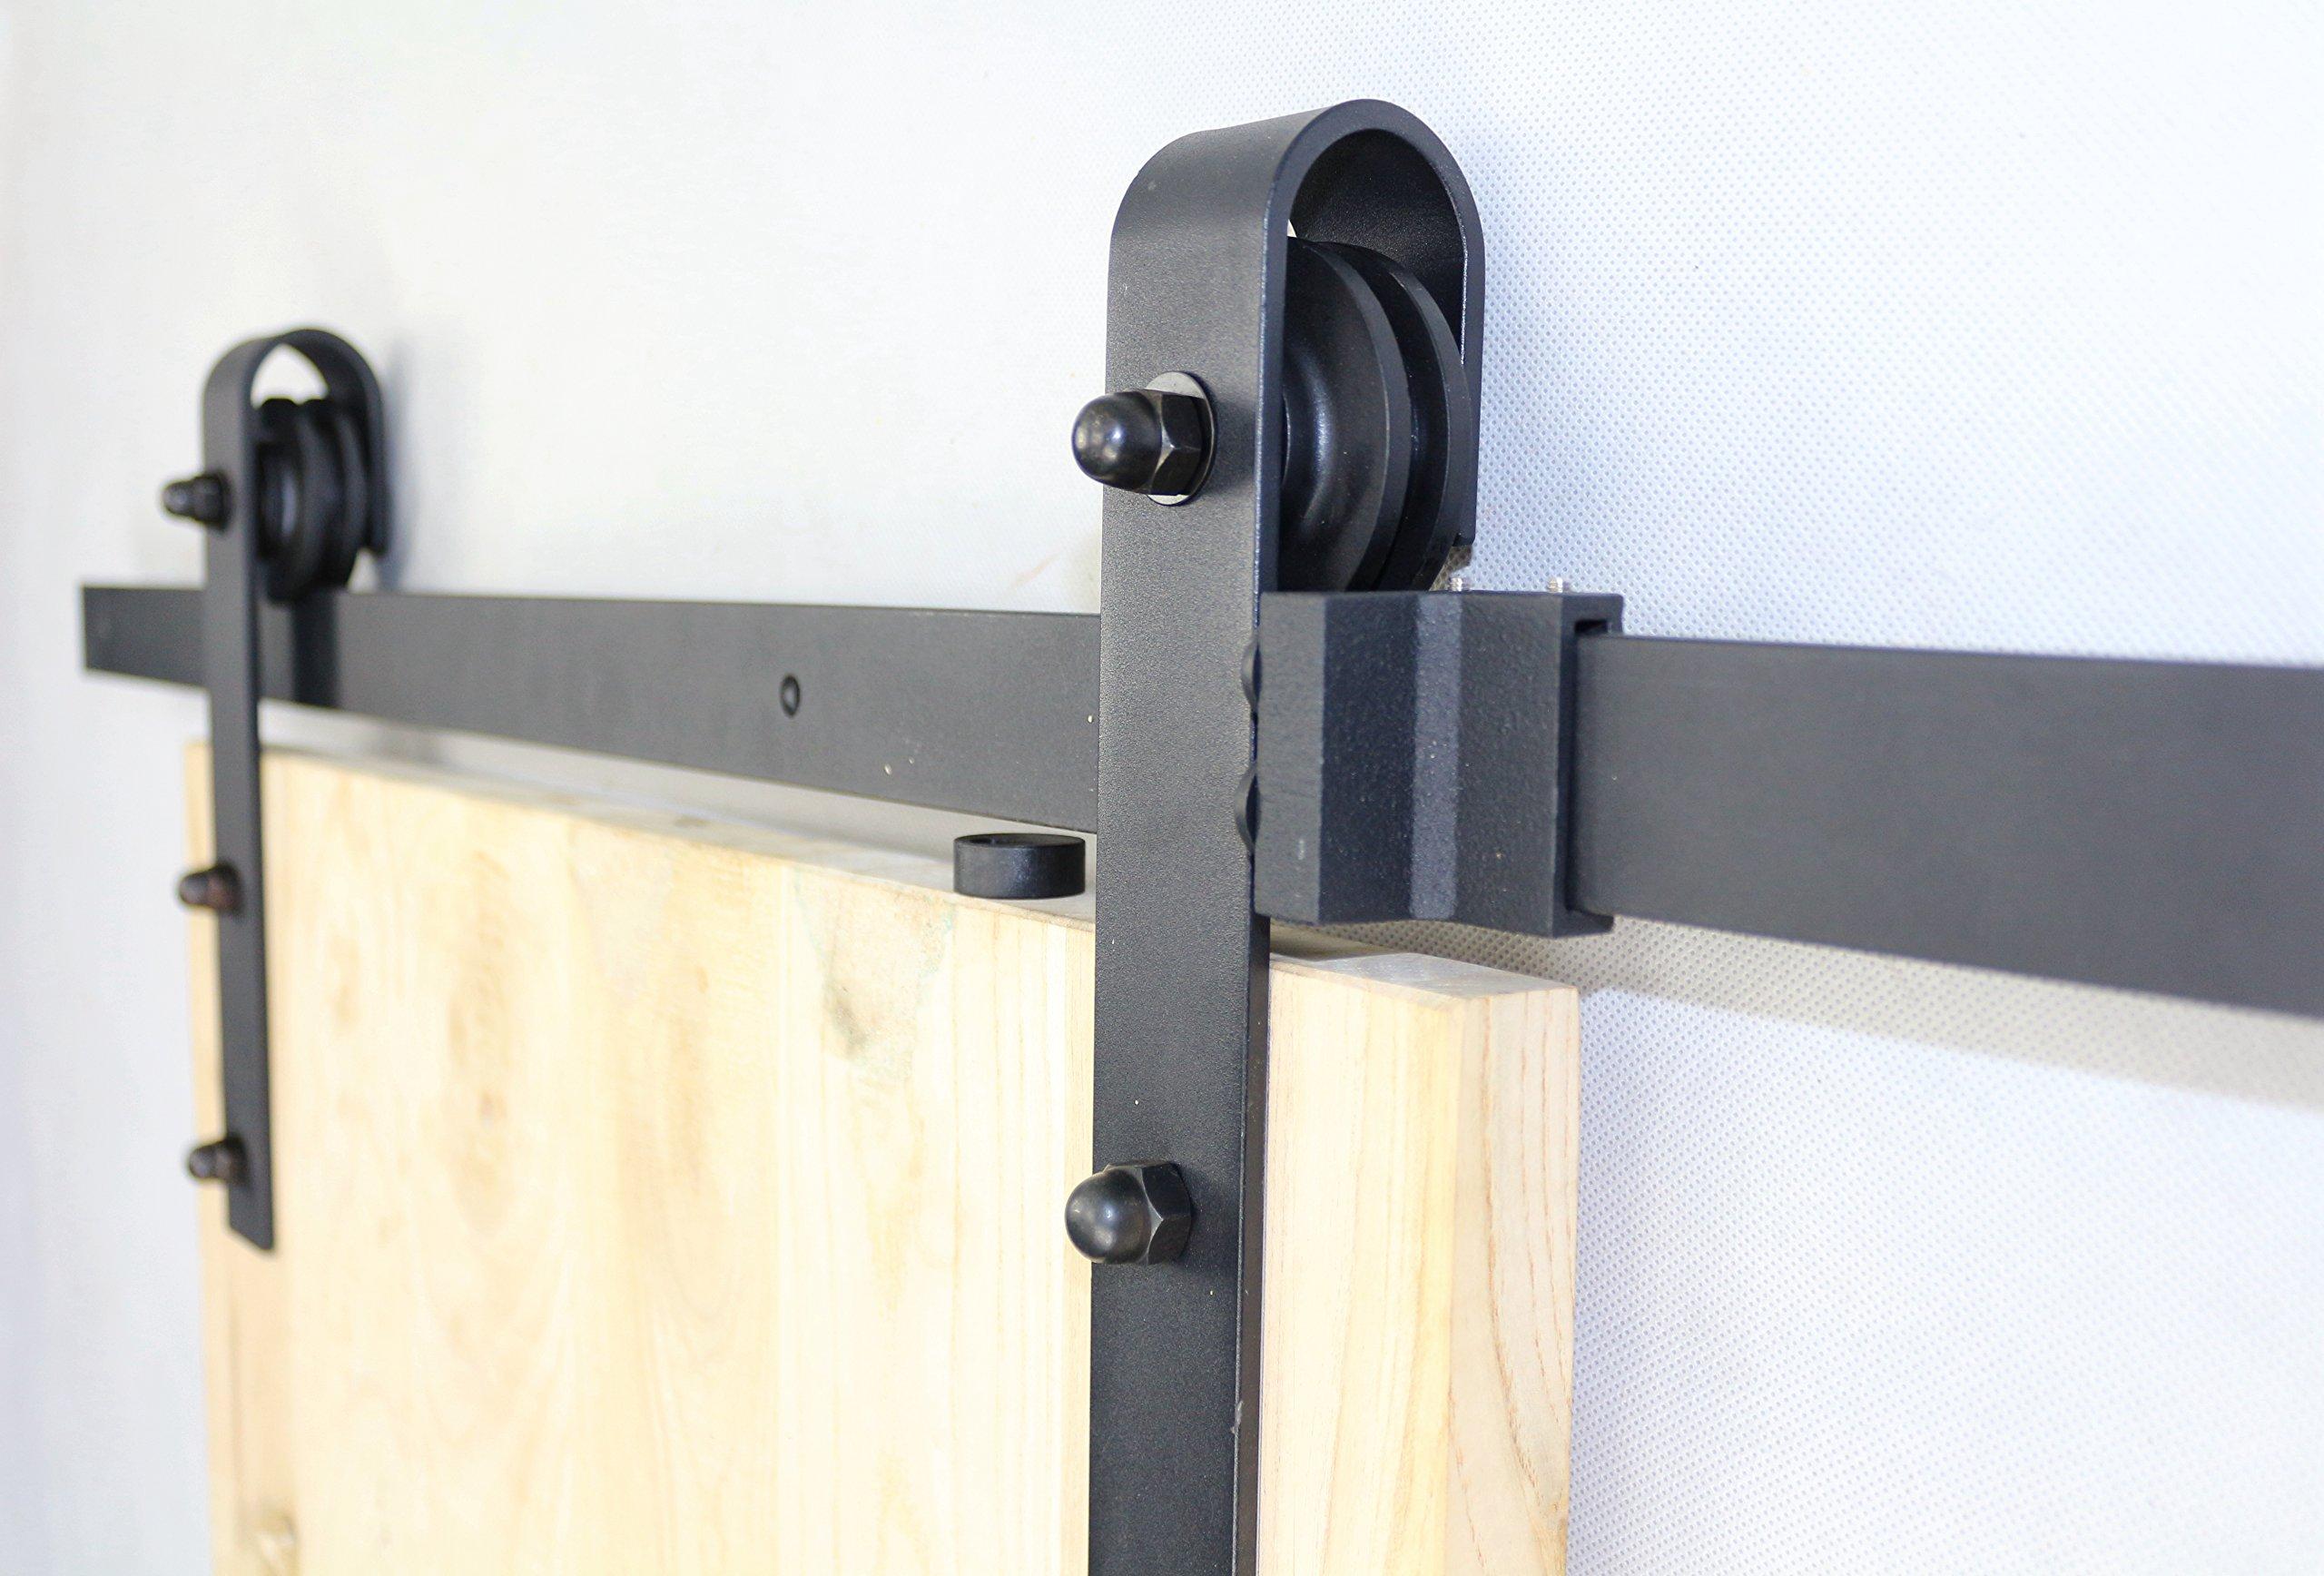 6 ft Negro Acero Slide puerta corrediza de granero Hardware Track Rail Percha Rodillo: Amazon.es: Bricolaje y herramientas